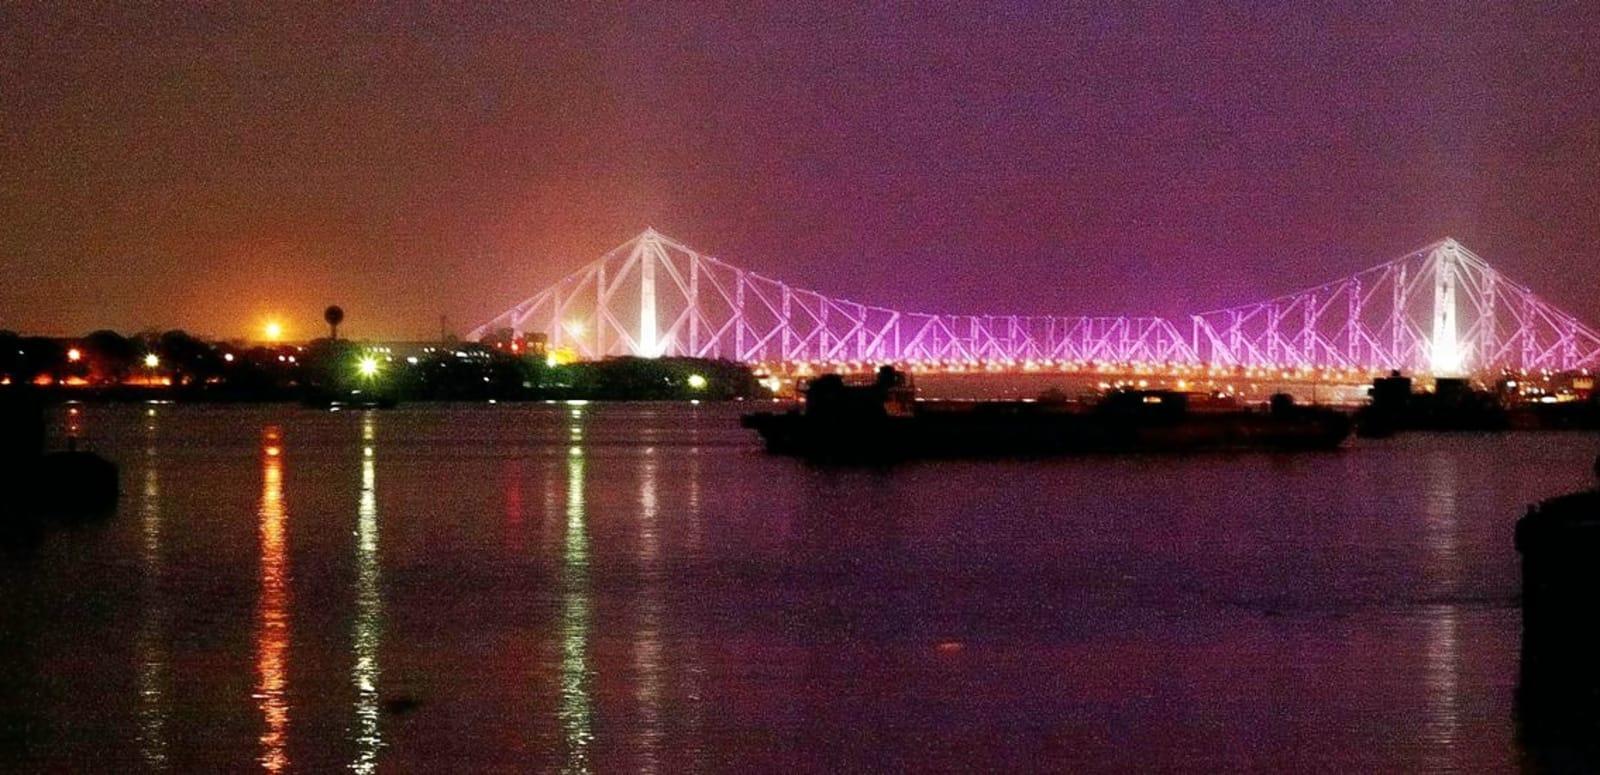 Kolkata-by_dilip_muralidaran-flickr.jpg